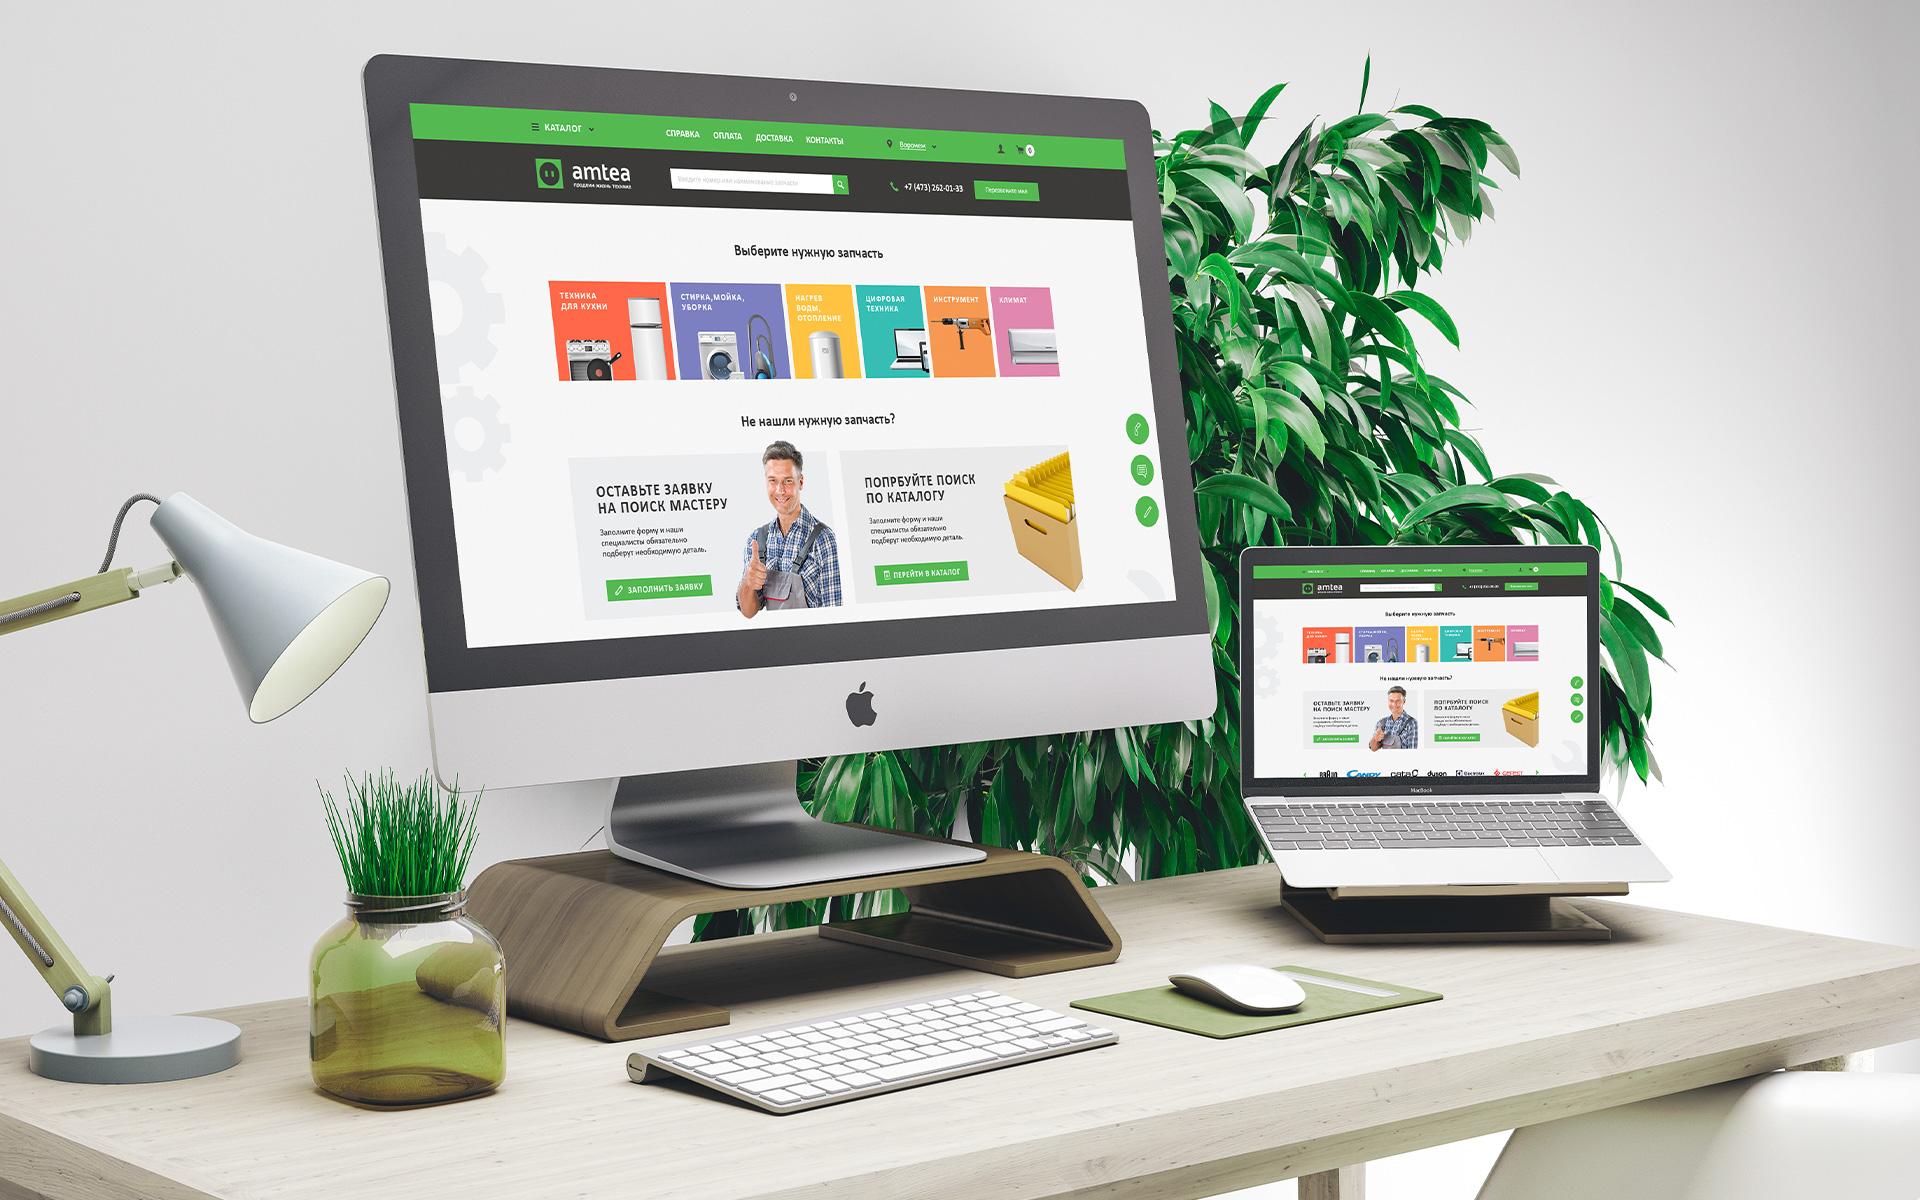 Создание сайта это информационная услуга продвижение сайта битрикс своими руками